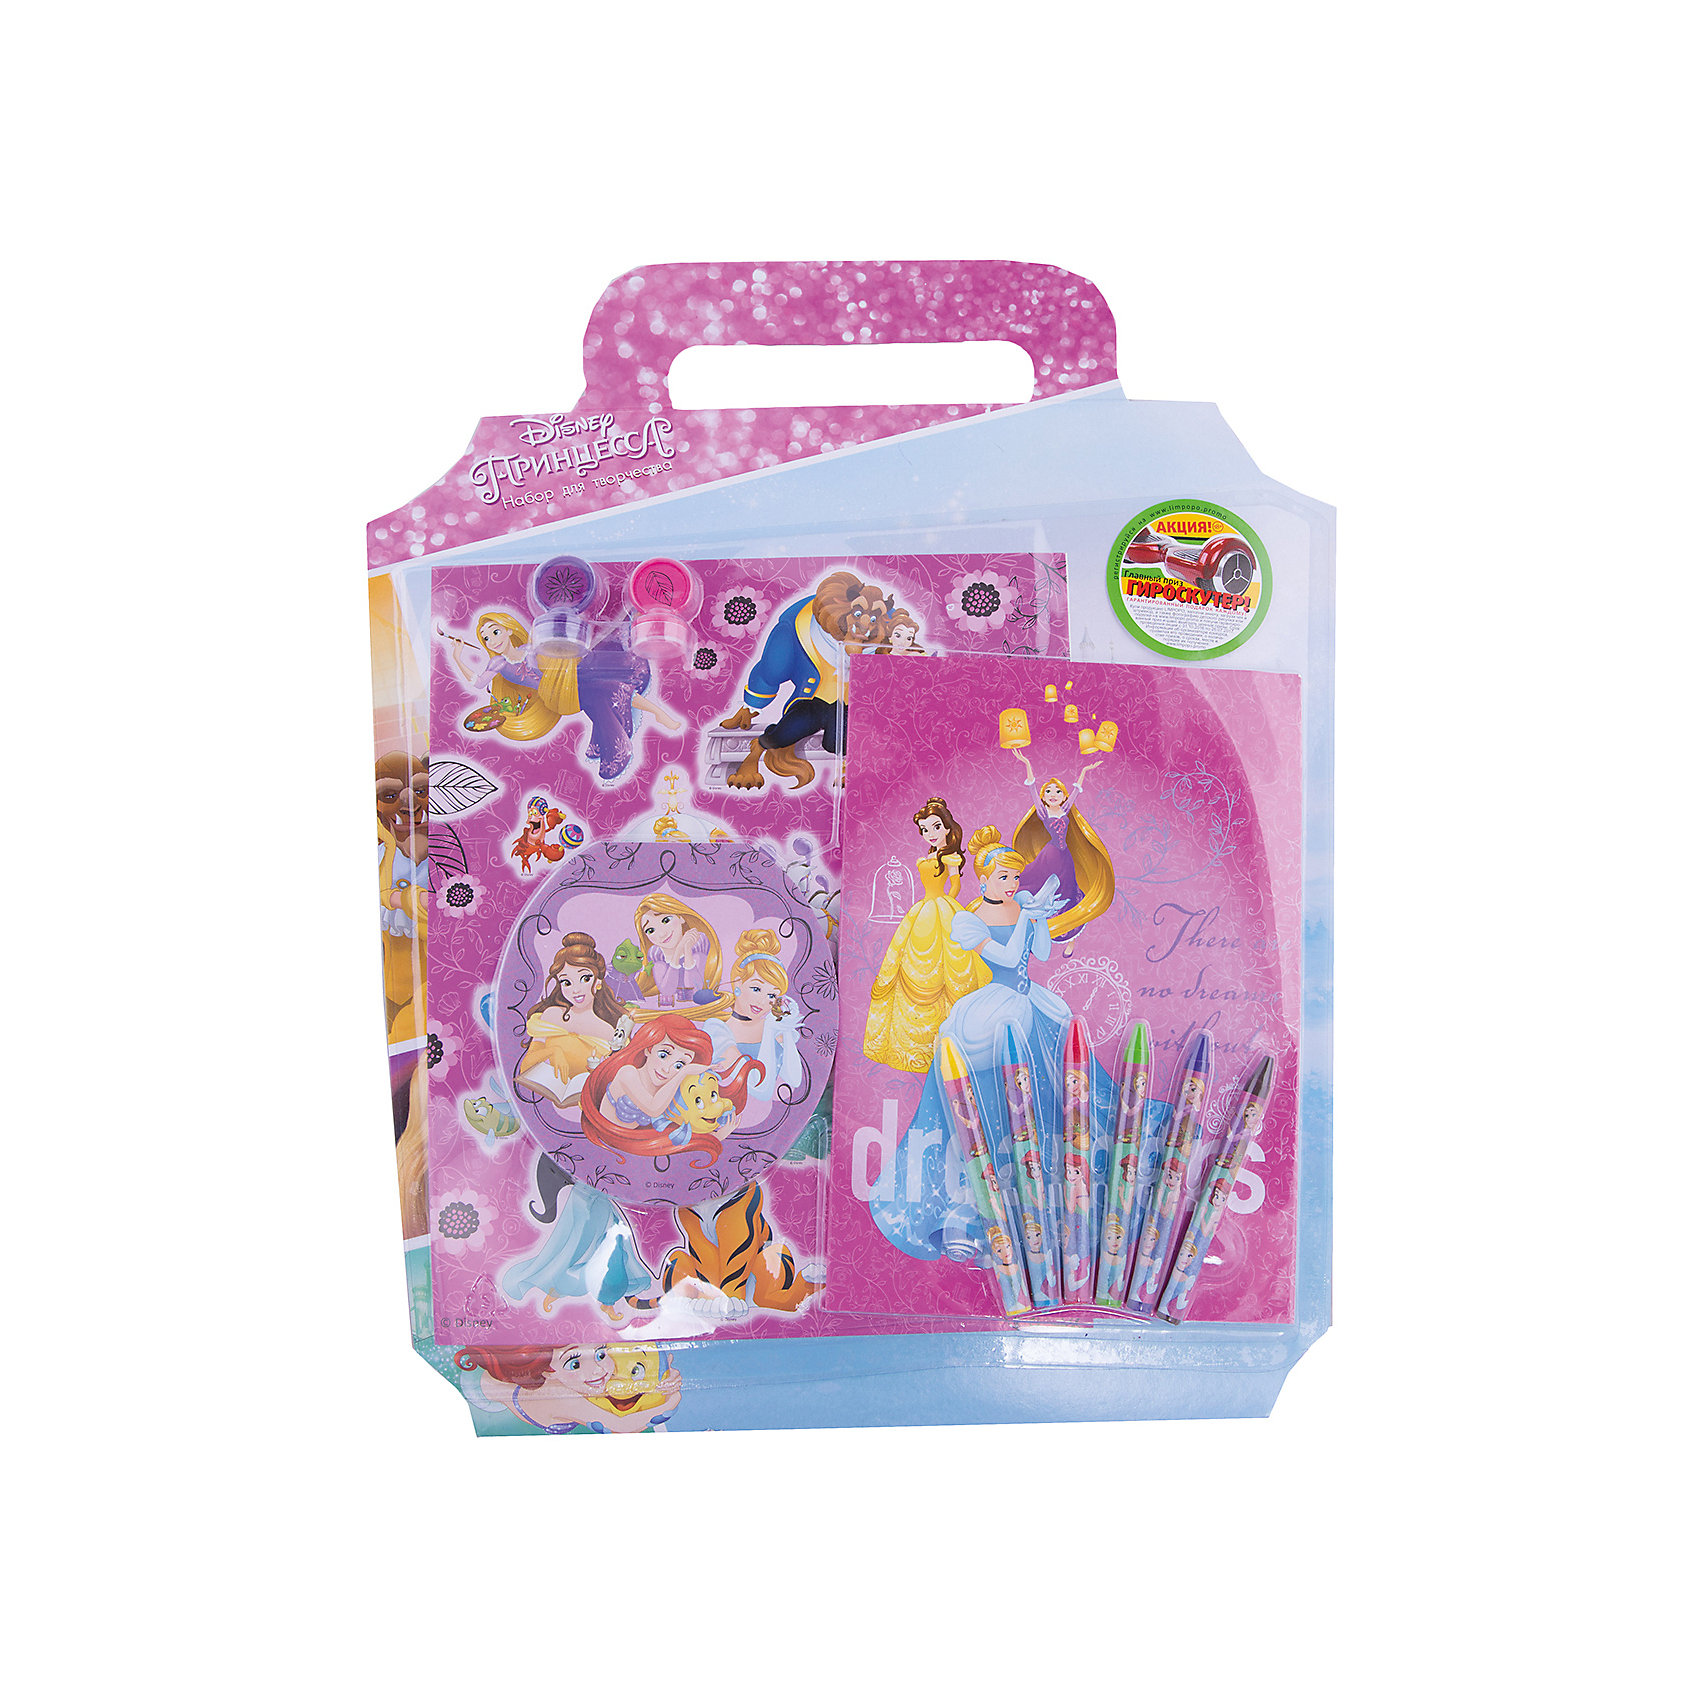 Набор для творчества Принцессы Дисней 15 предметовРисование<br>Набор для творчества Принцессы Дисней 15 предметов, Limpopo (Лимпопо)<br><br>Характеристики:<br><br>• всё необходимое для увлекательного творчества<br>• удобная упаковка с ручками<br>• в комплекте: 2 штампа, блокнот, наклейки, 6 мелков, скретч блокнот<br>• размер упаковки: 34х1,5х39 см<br>• вес: 354 грамма<br><br>В набор Принцессы Дисней входят 2 штампа, мелки, наклейки и блокноты. Ребёнок сможет создать различные картинки, дополненные печатями и наклейками. Изображение известных героинь Диснеевских мультфильмов вдохновит на создание новых шедевров. Набор имеет удобную упаковку с двумя ручками. Со сказочными принцессами заниматься творчеством ещё интереснее!<br><br>Набор для творчества Принцессы Дисней 15 предметов, Limpopo (Лимпопо) можно купить в нашем интернет-магазине.<br><br>Ширина мм: 390<br>Глубина мм: 15<br>Высота мм: 340<br>Вес г: 354<br>Возраст от месяцев: 48<br>Возраст до месяцев: 144<br>Пол: Женский<br>Возраст: Детский<br>SKU: 5390306